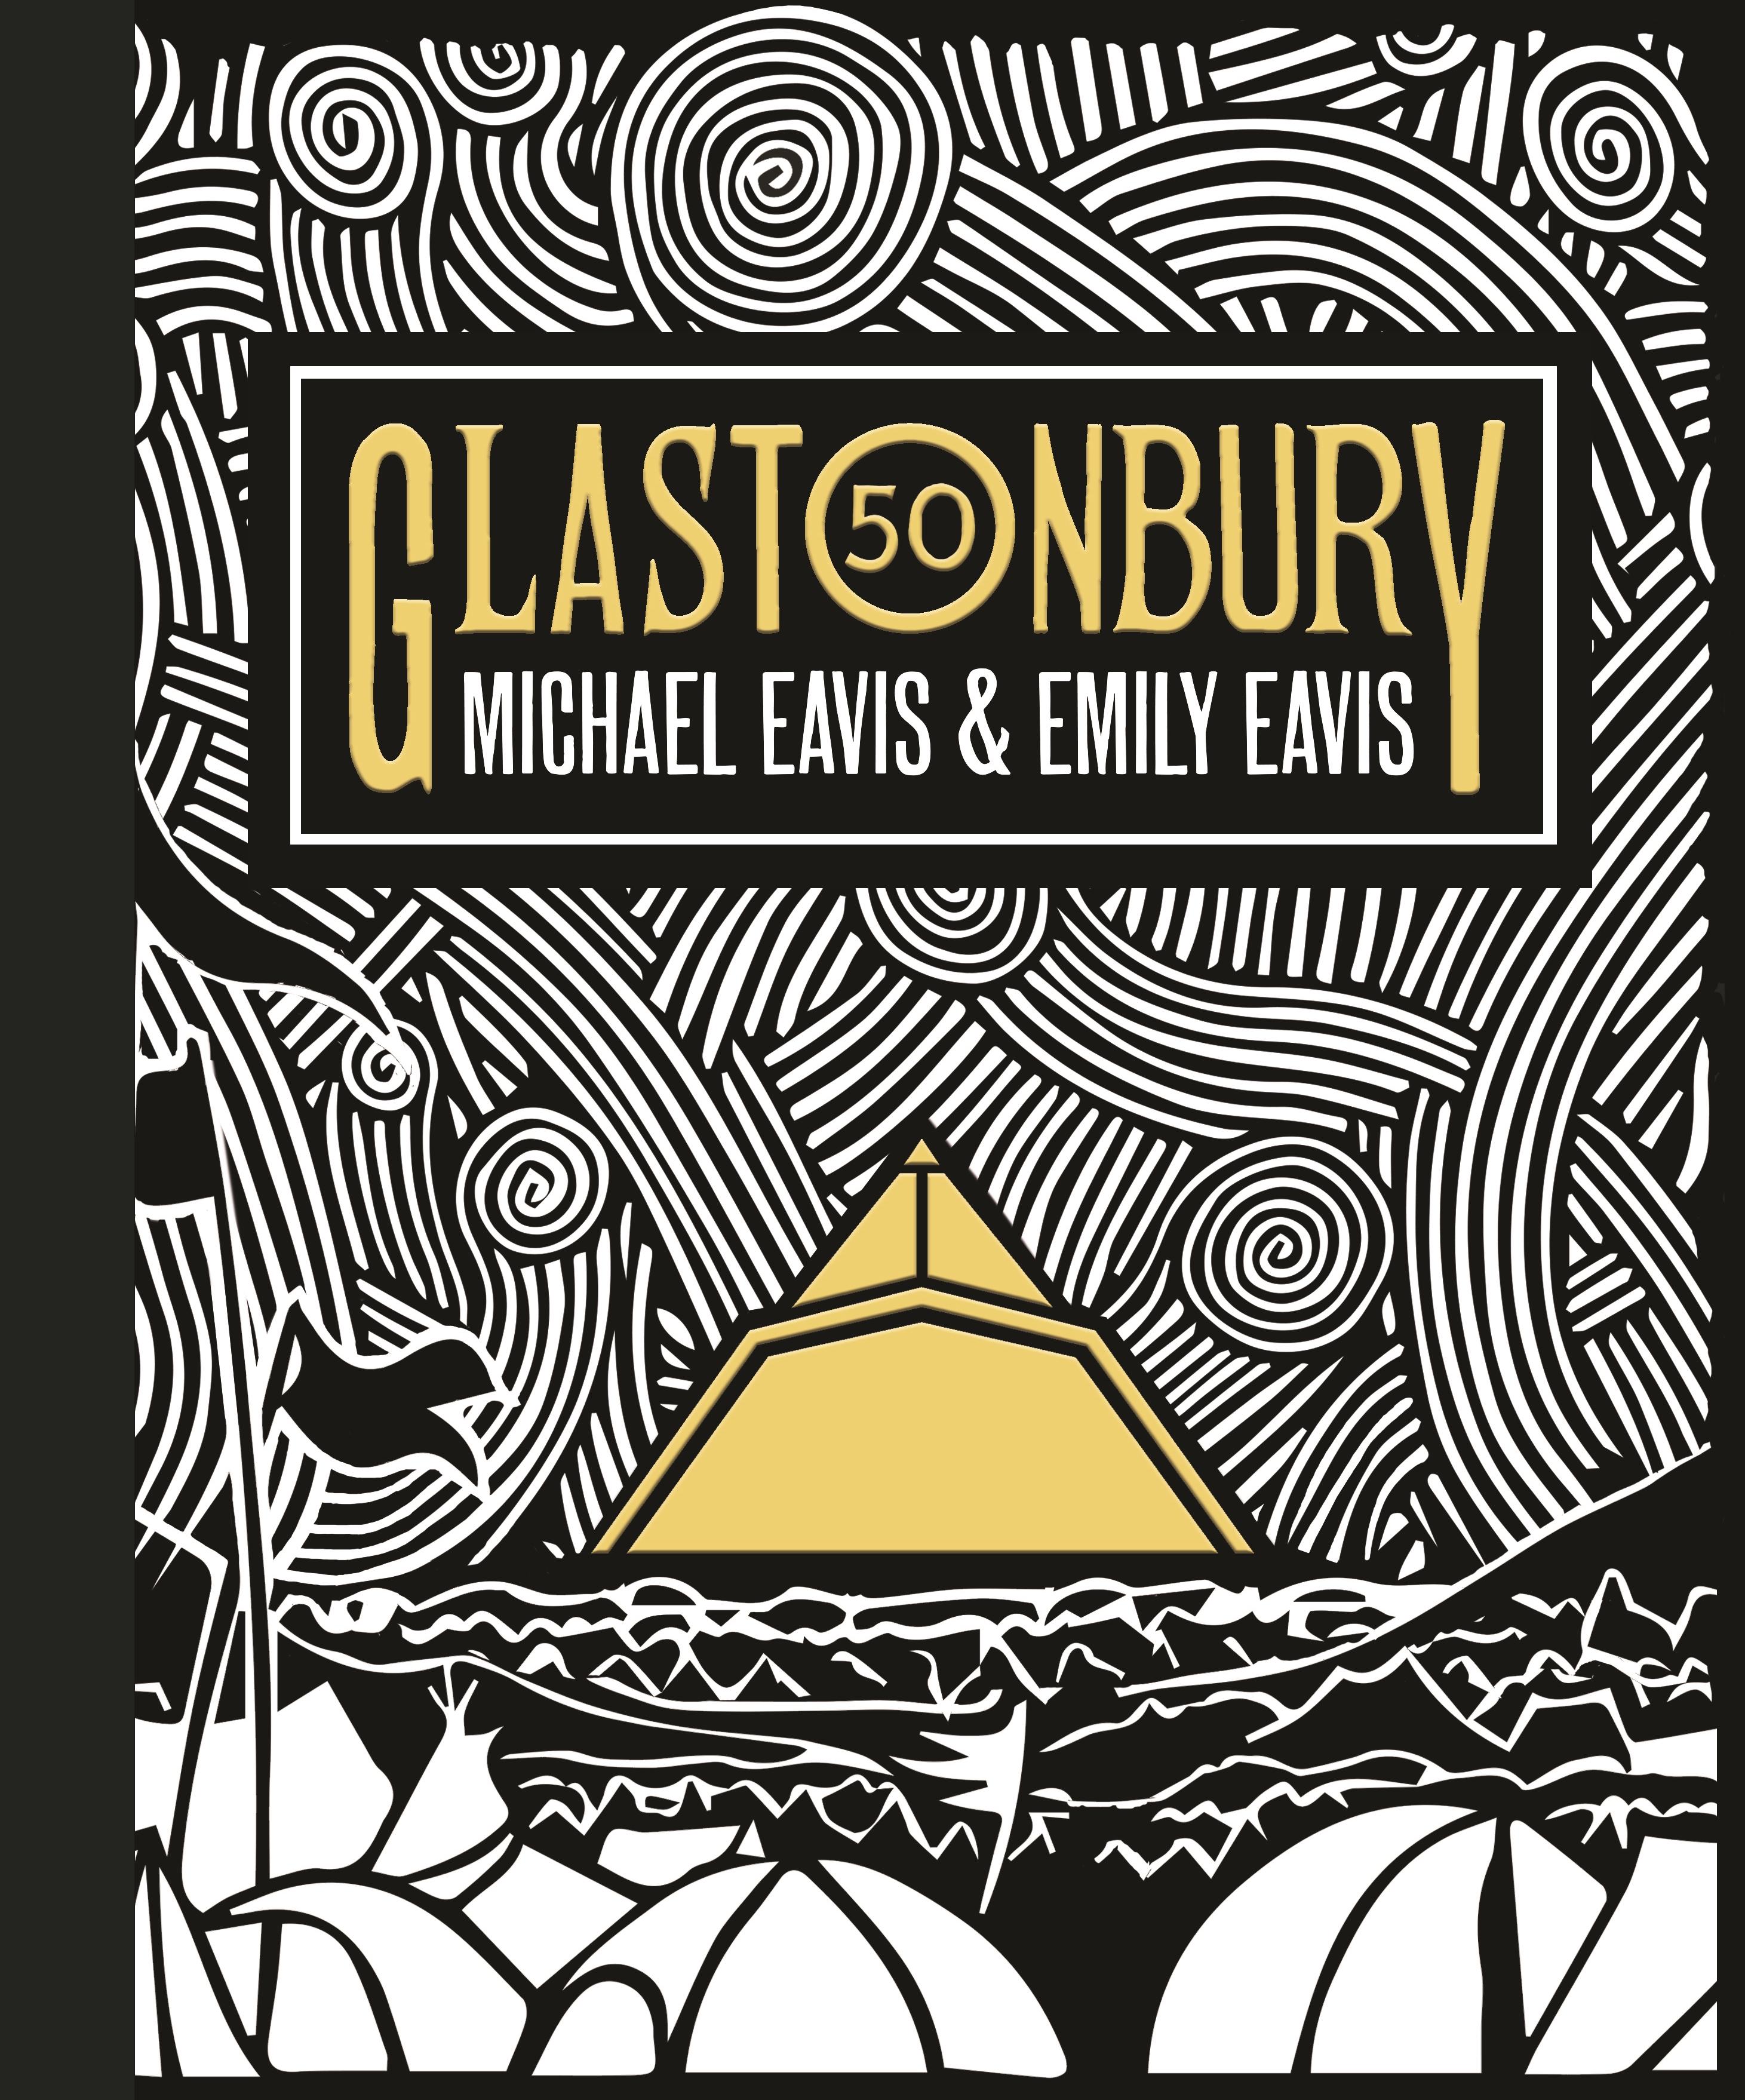 Glastonbury cover